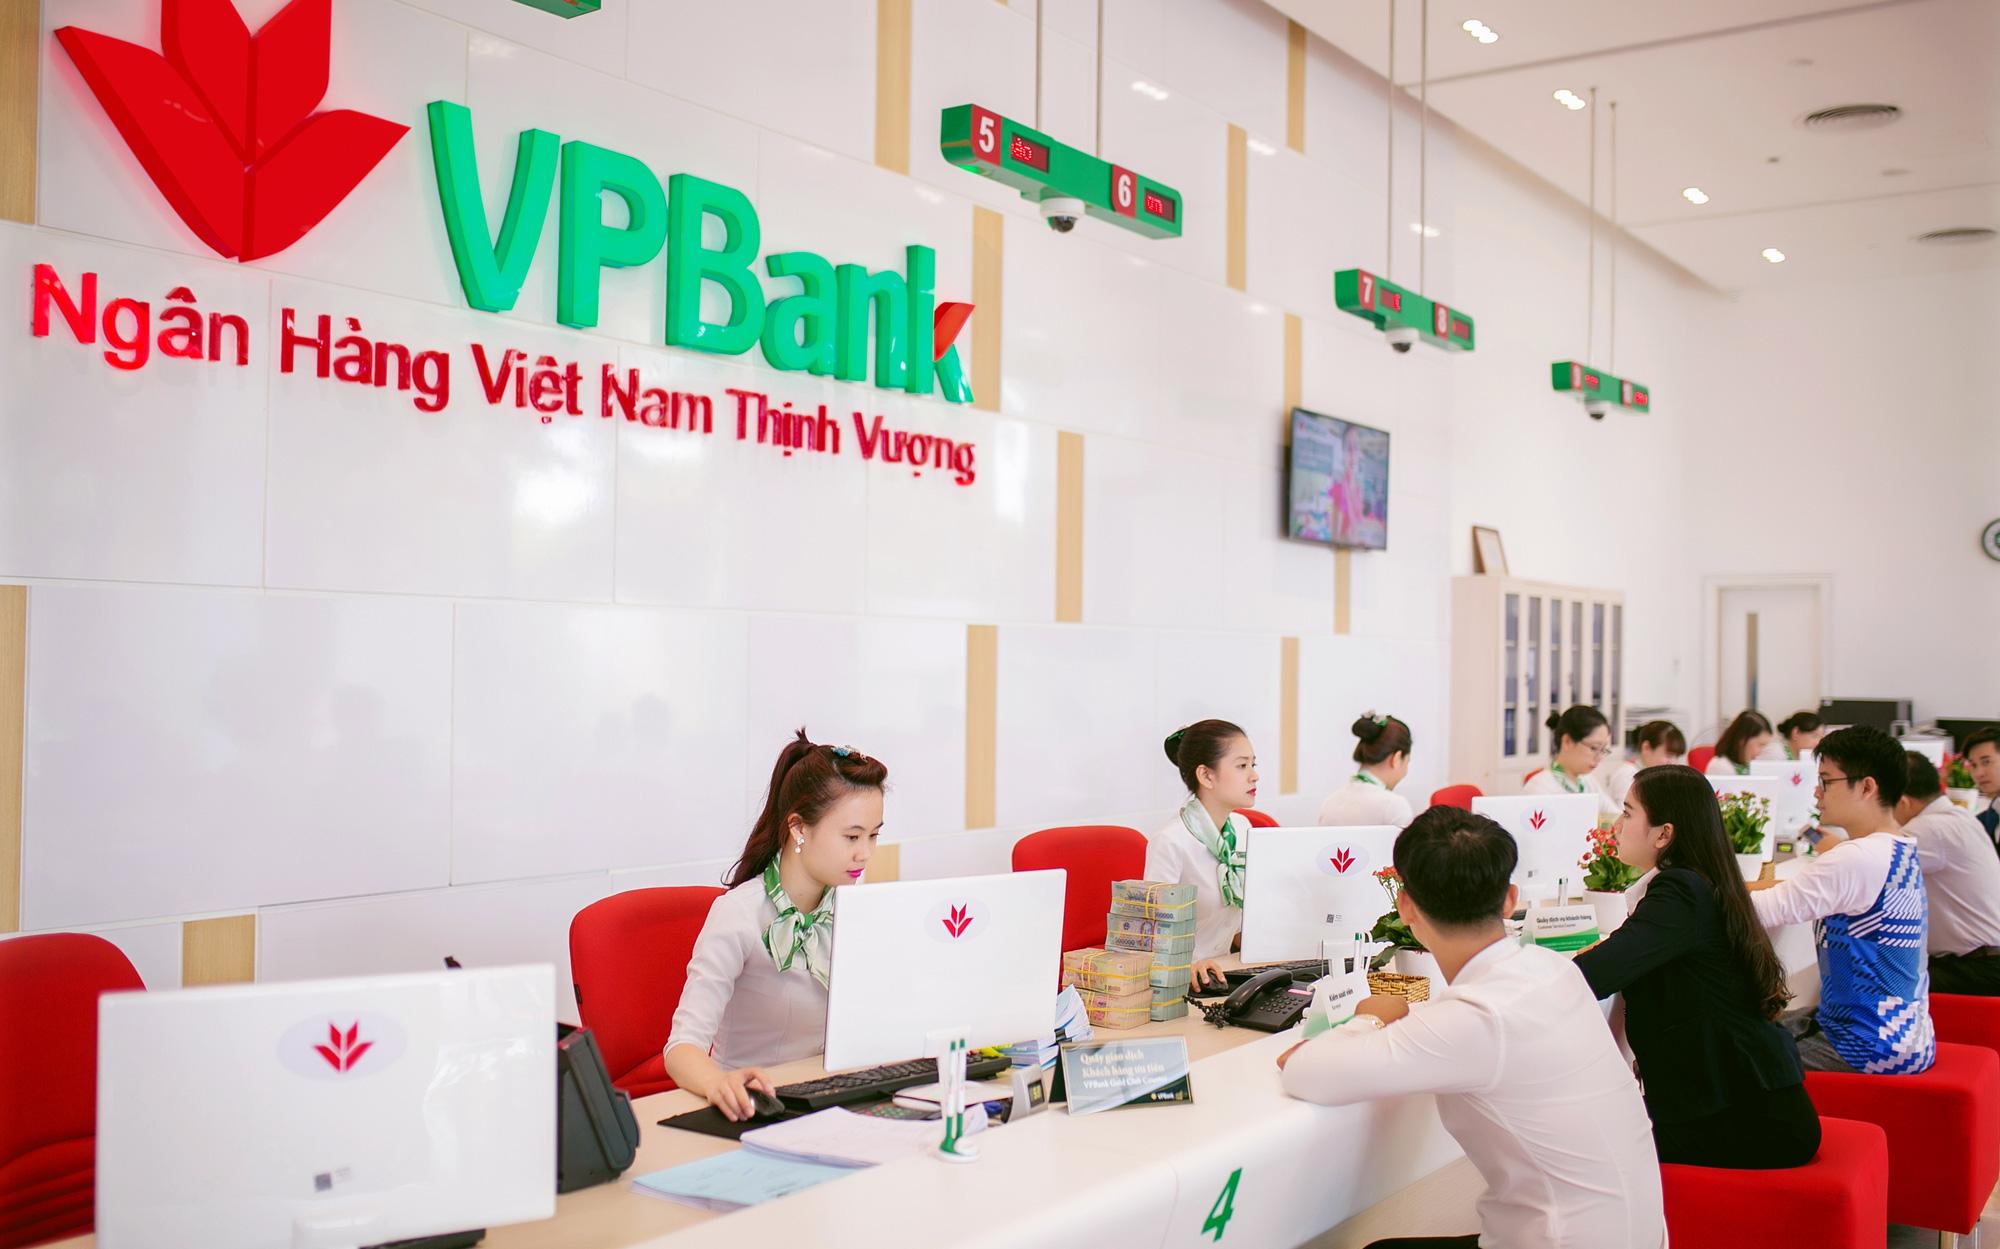 VPBank muốn mua cổ phiếu quỹ trong tháng 4/2020